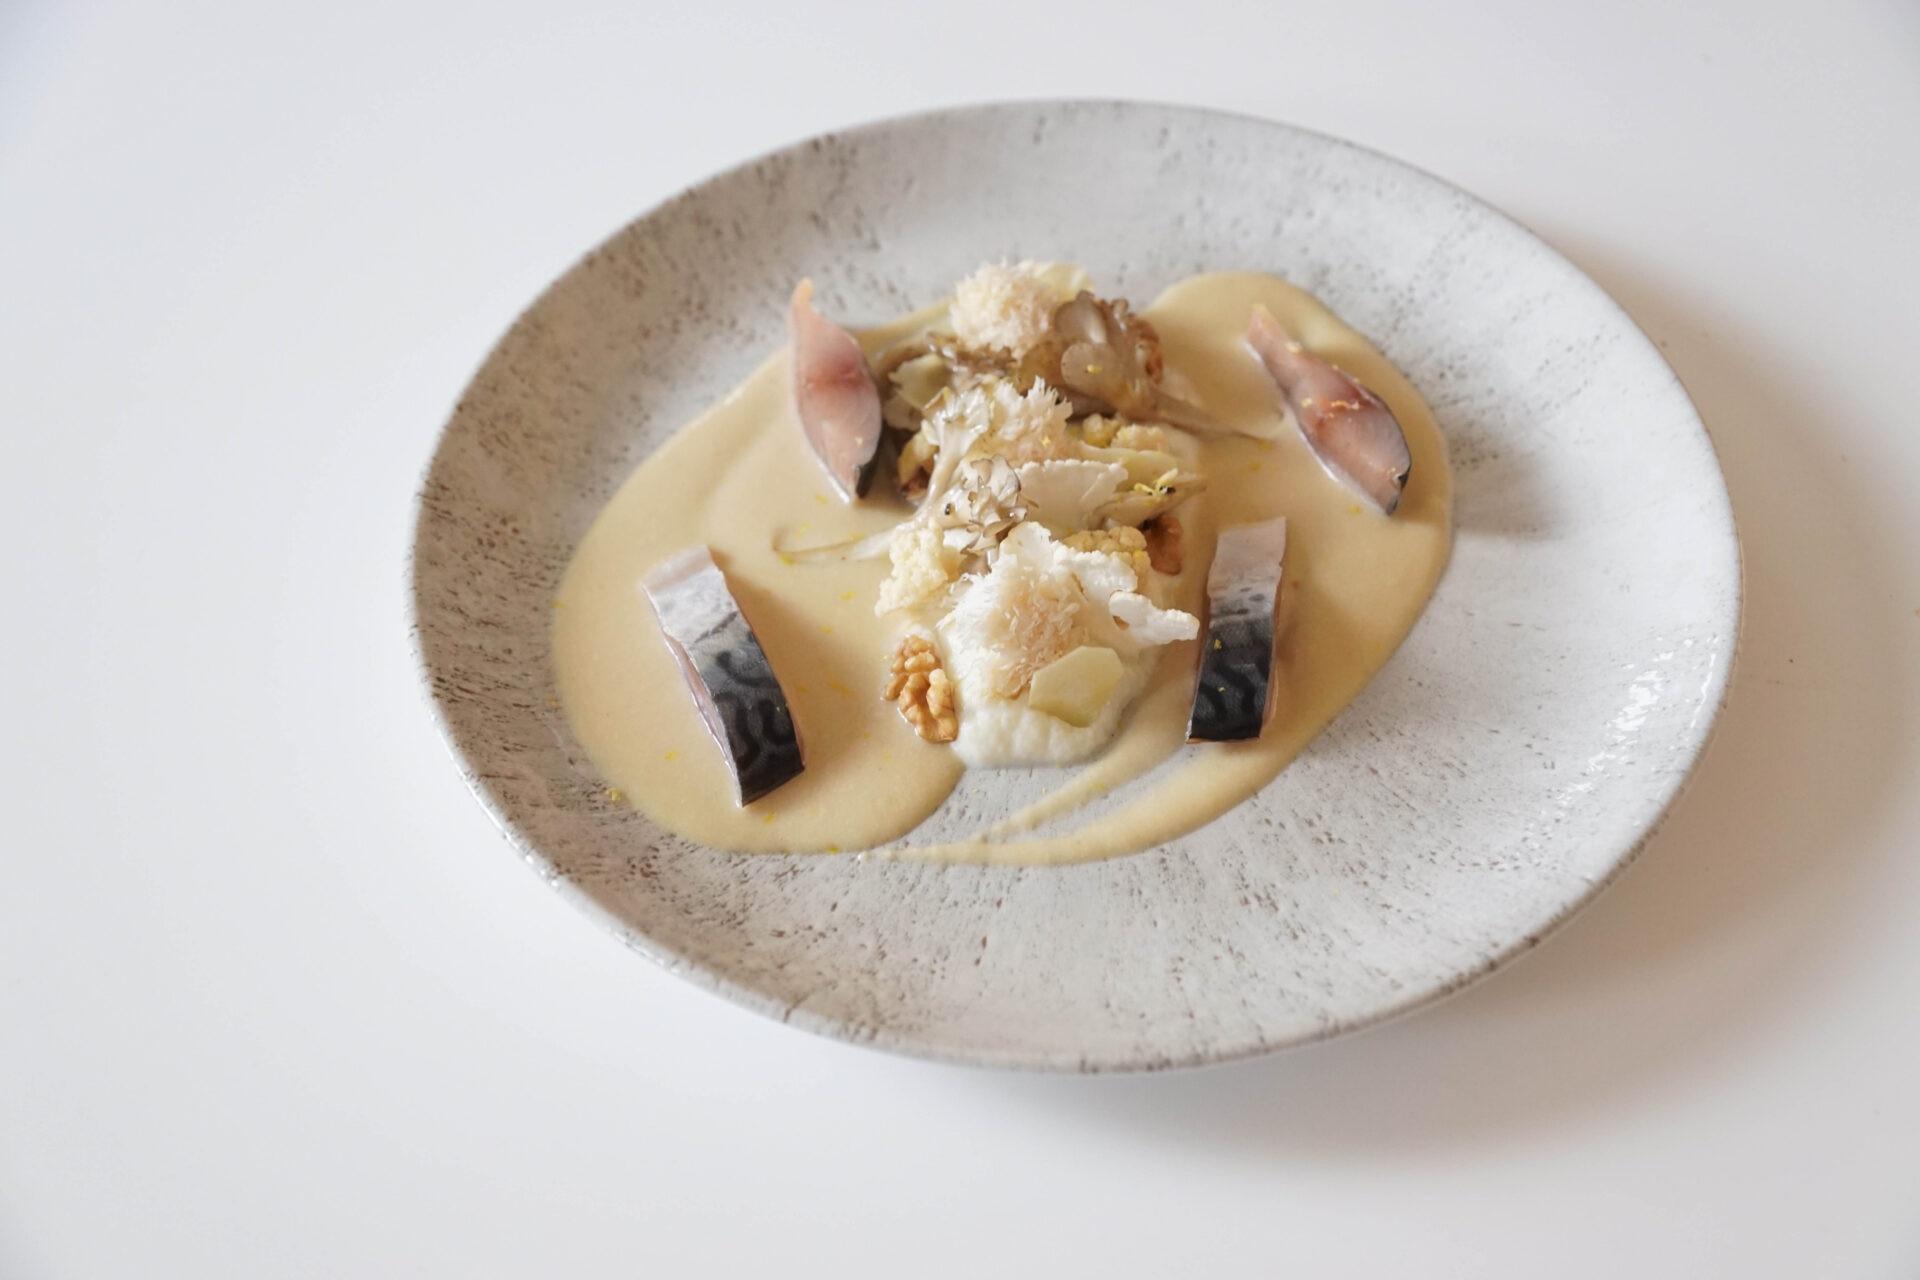 receta-coliflor-gastronomia-sostenible-bbva-celler-joan-roca